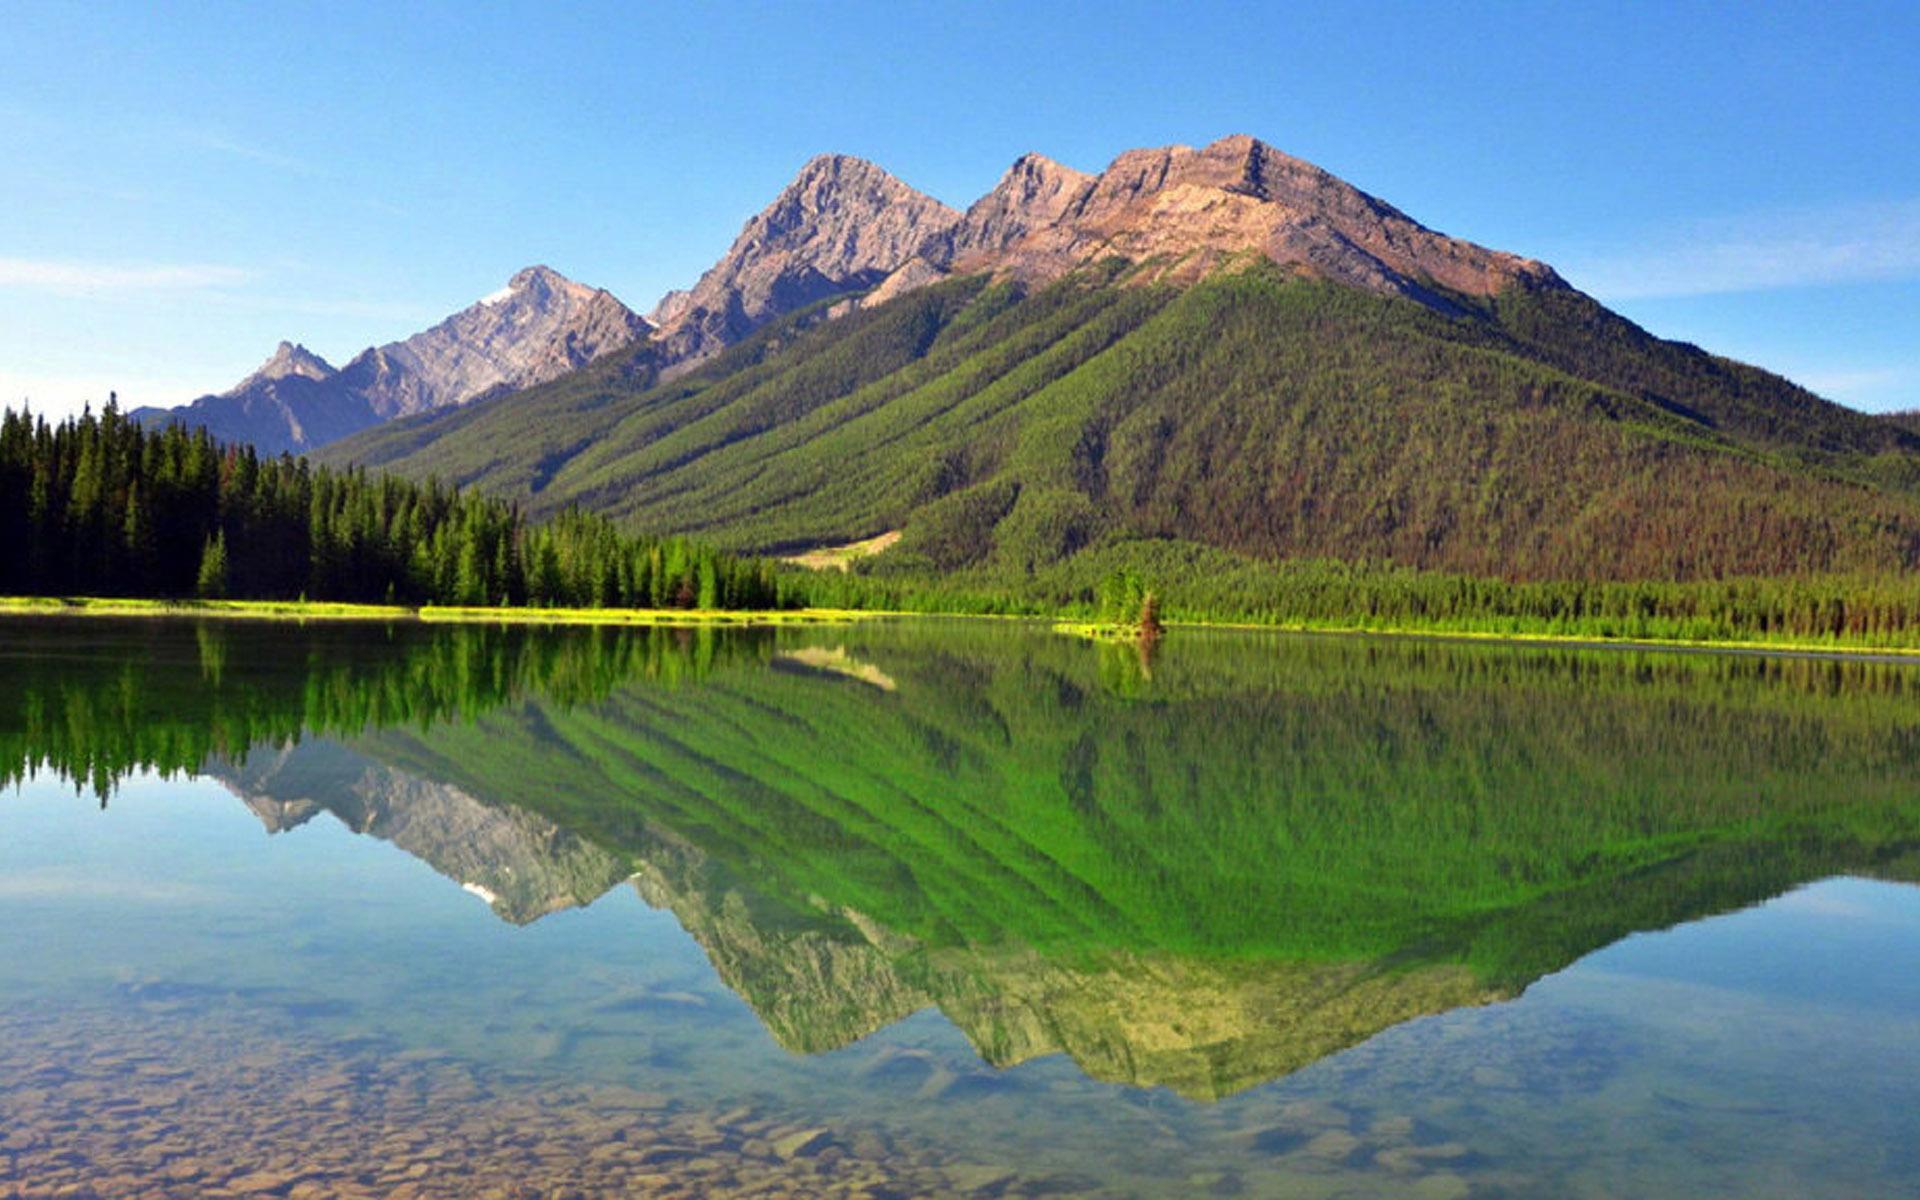 平静唯美的湖面风景图片桌面壁纸